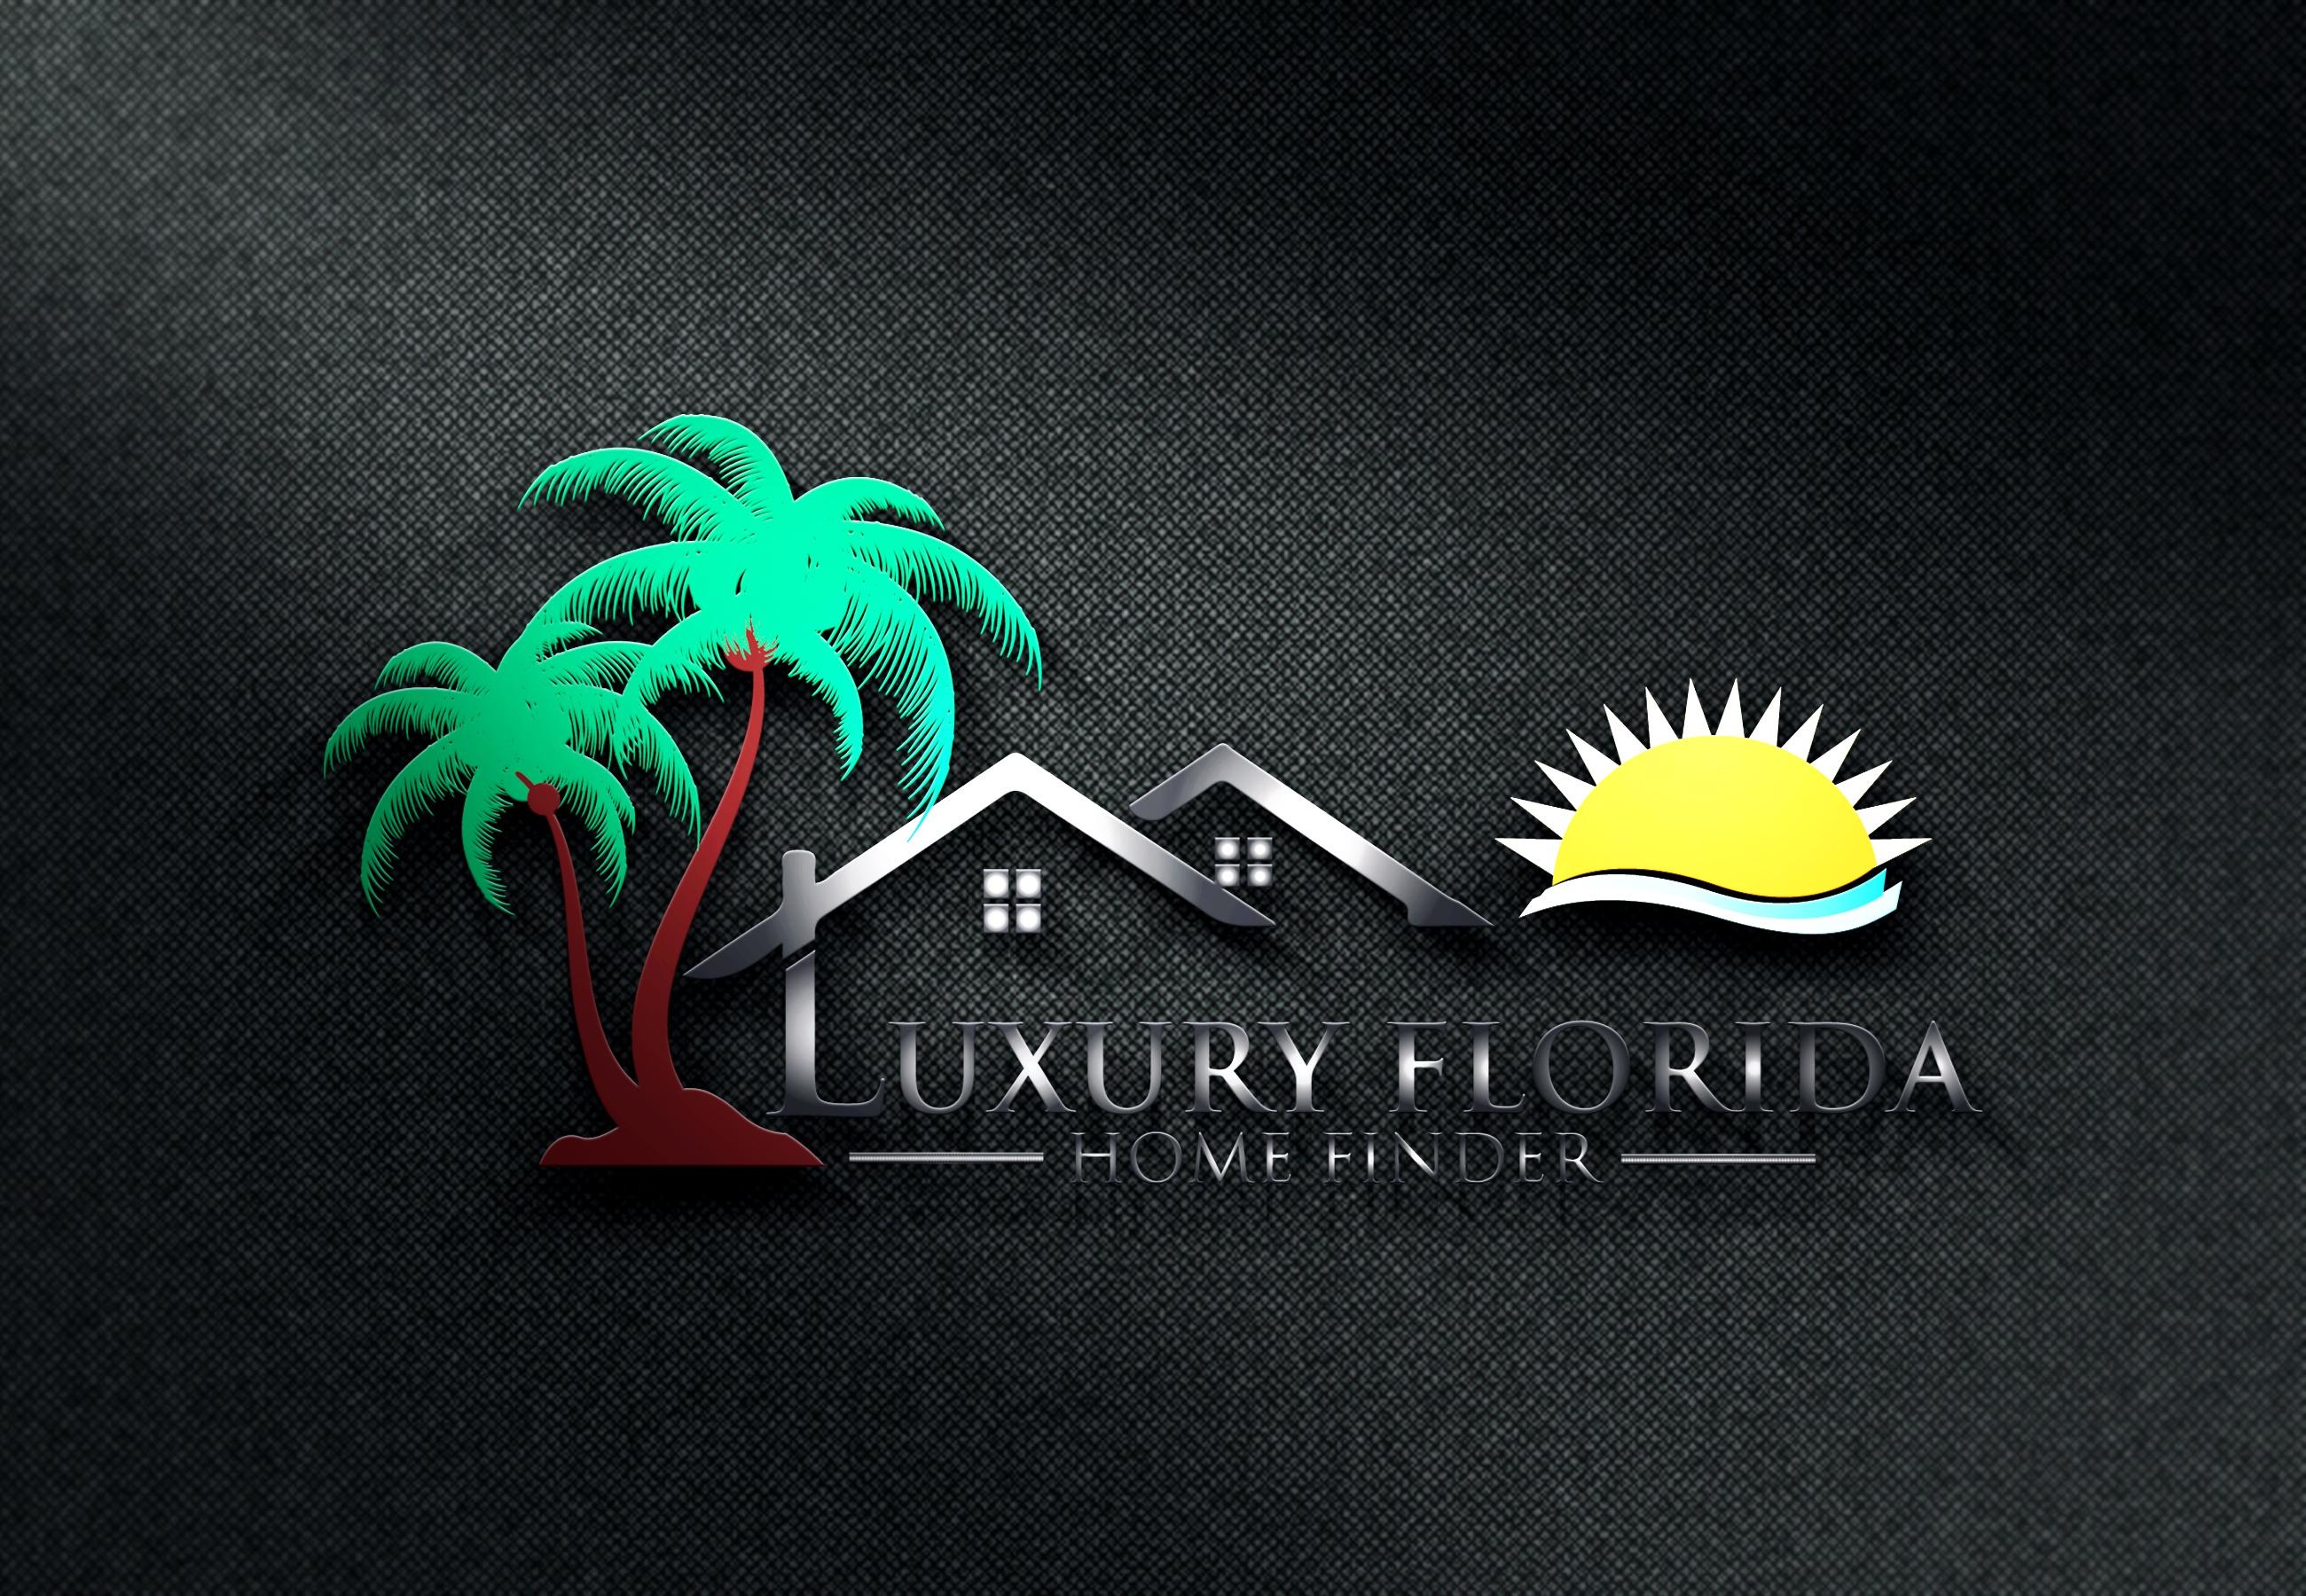 Best real estate logos